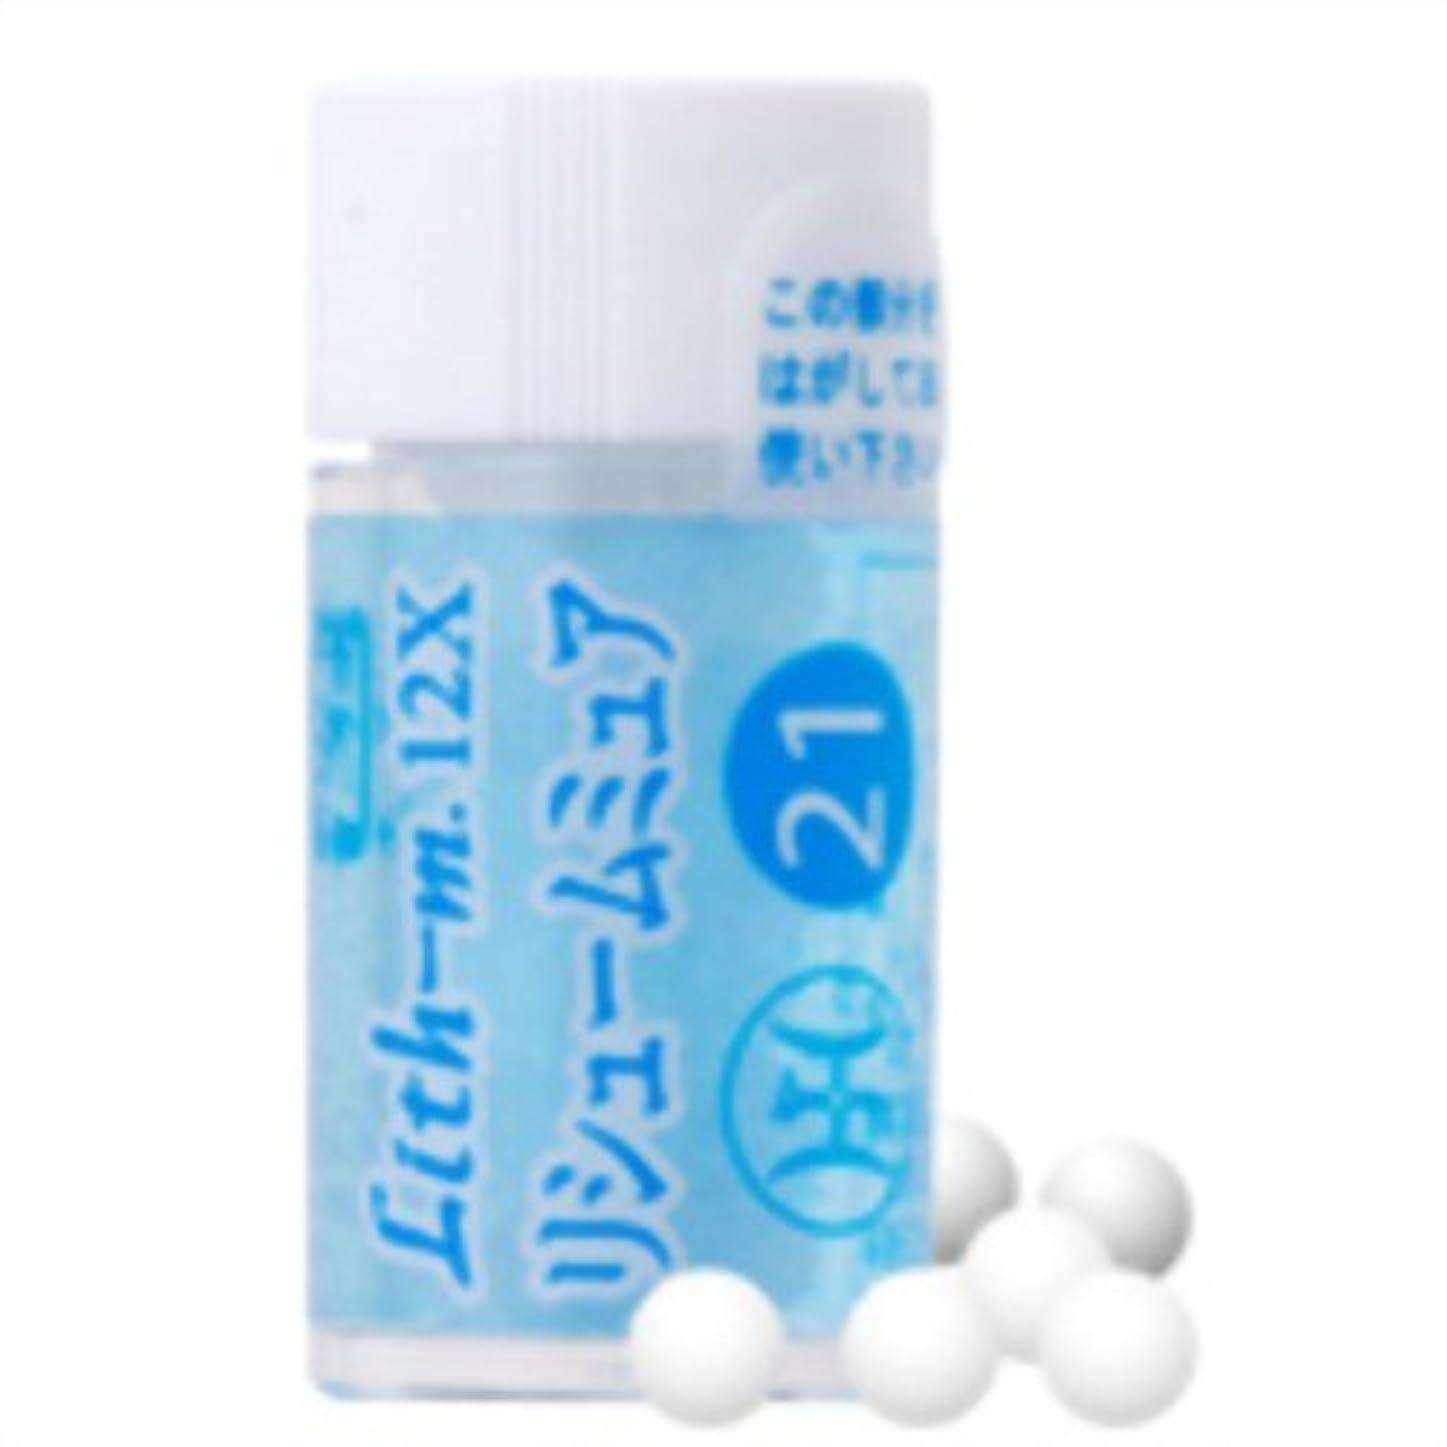 小麦粉コンパイルラベホメオパシージャパンレメディー Lith-m.【バイタル21】 リシュームミュア 12X